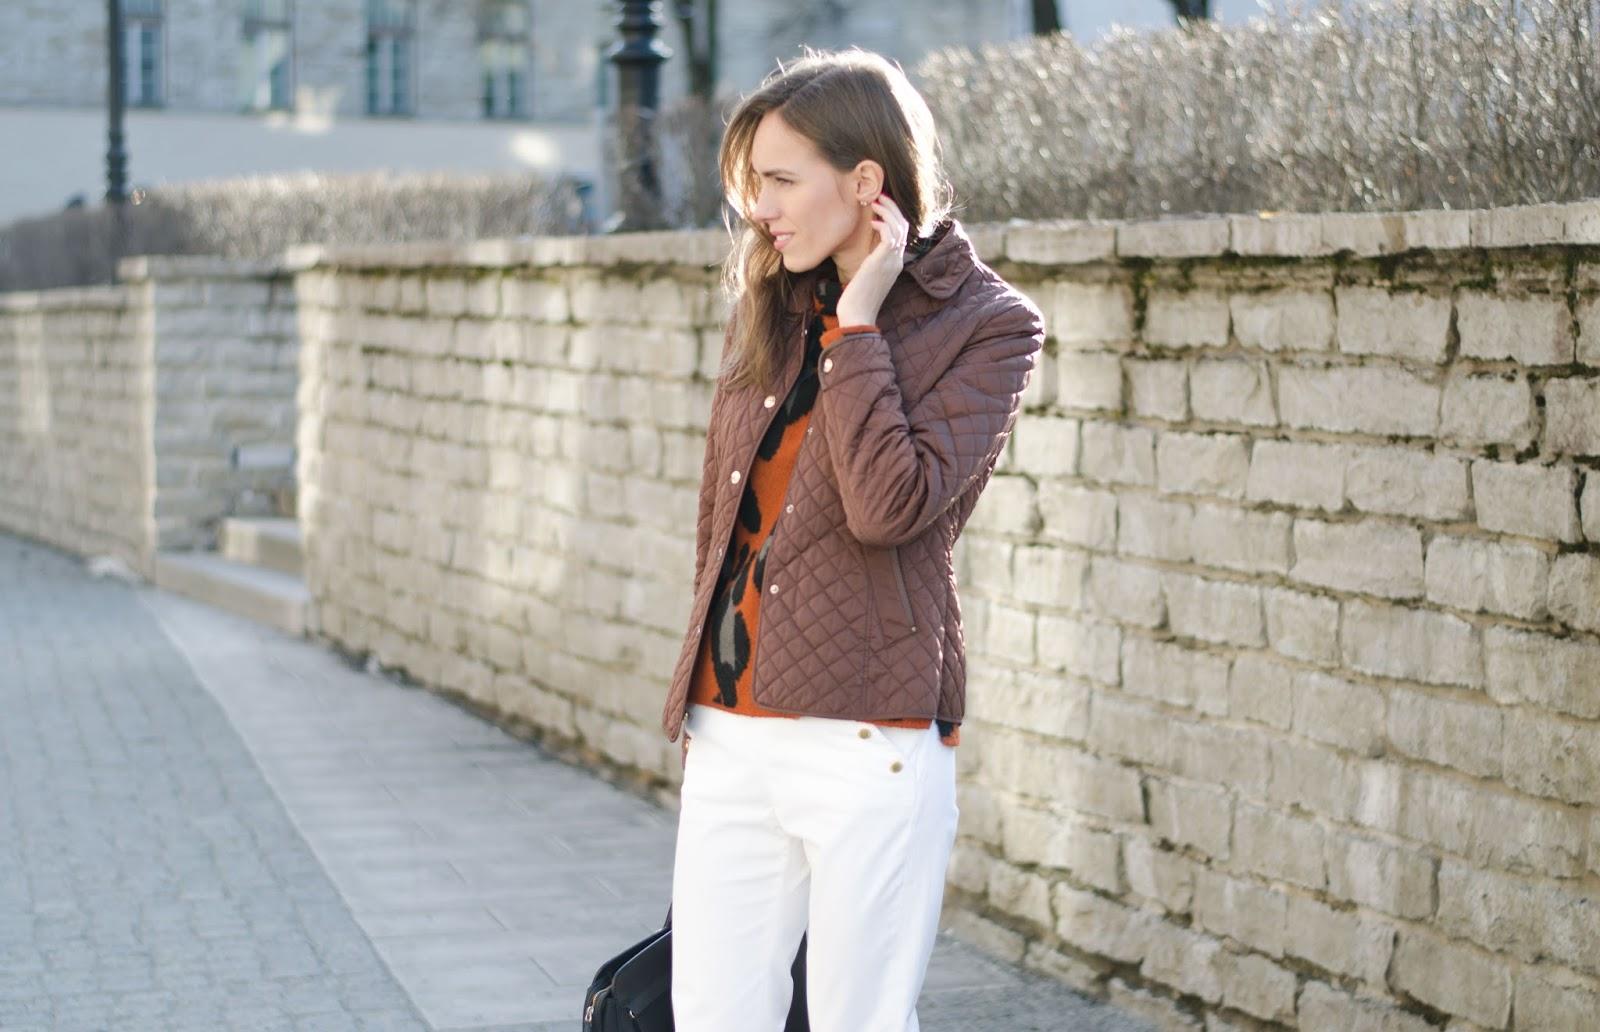 kristjaana mere brown jacket white pants spring fashion